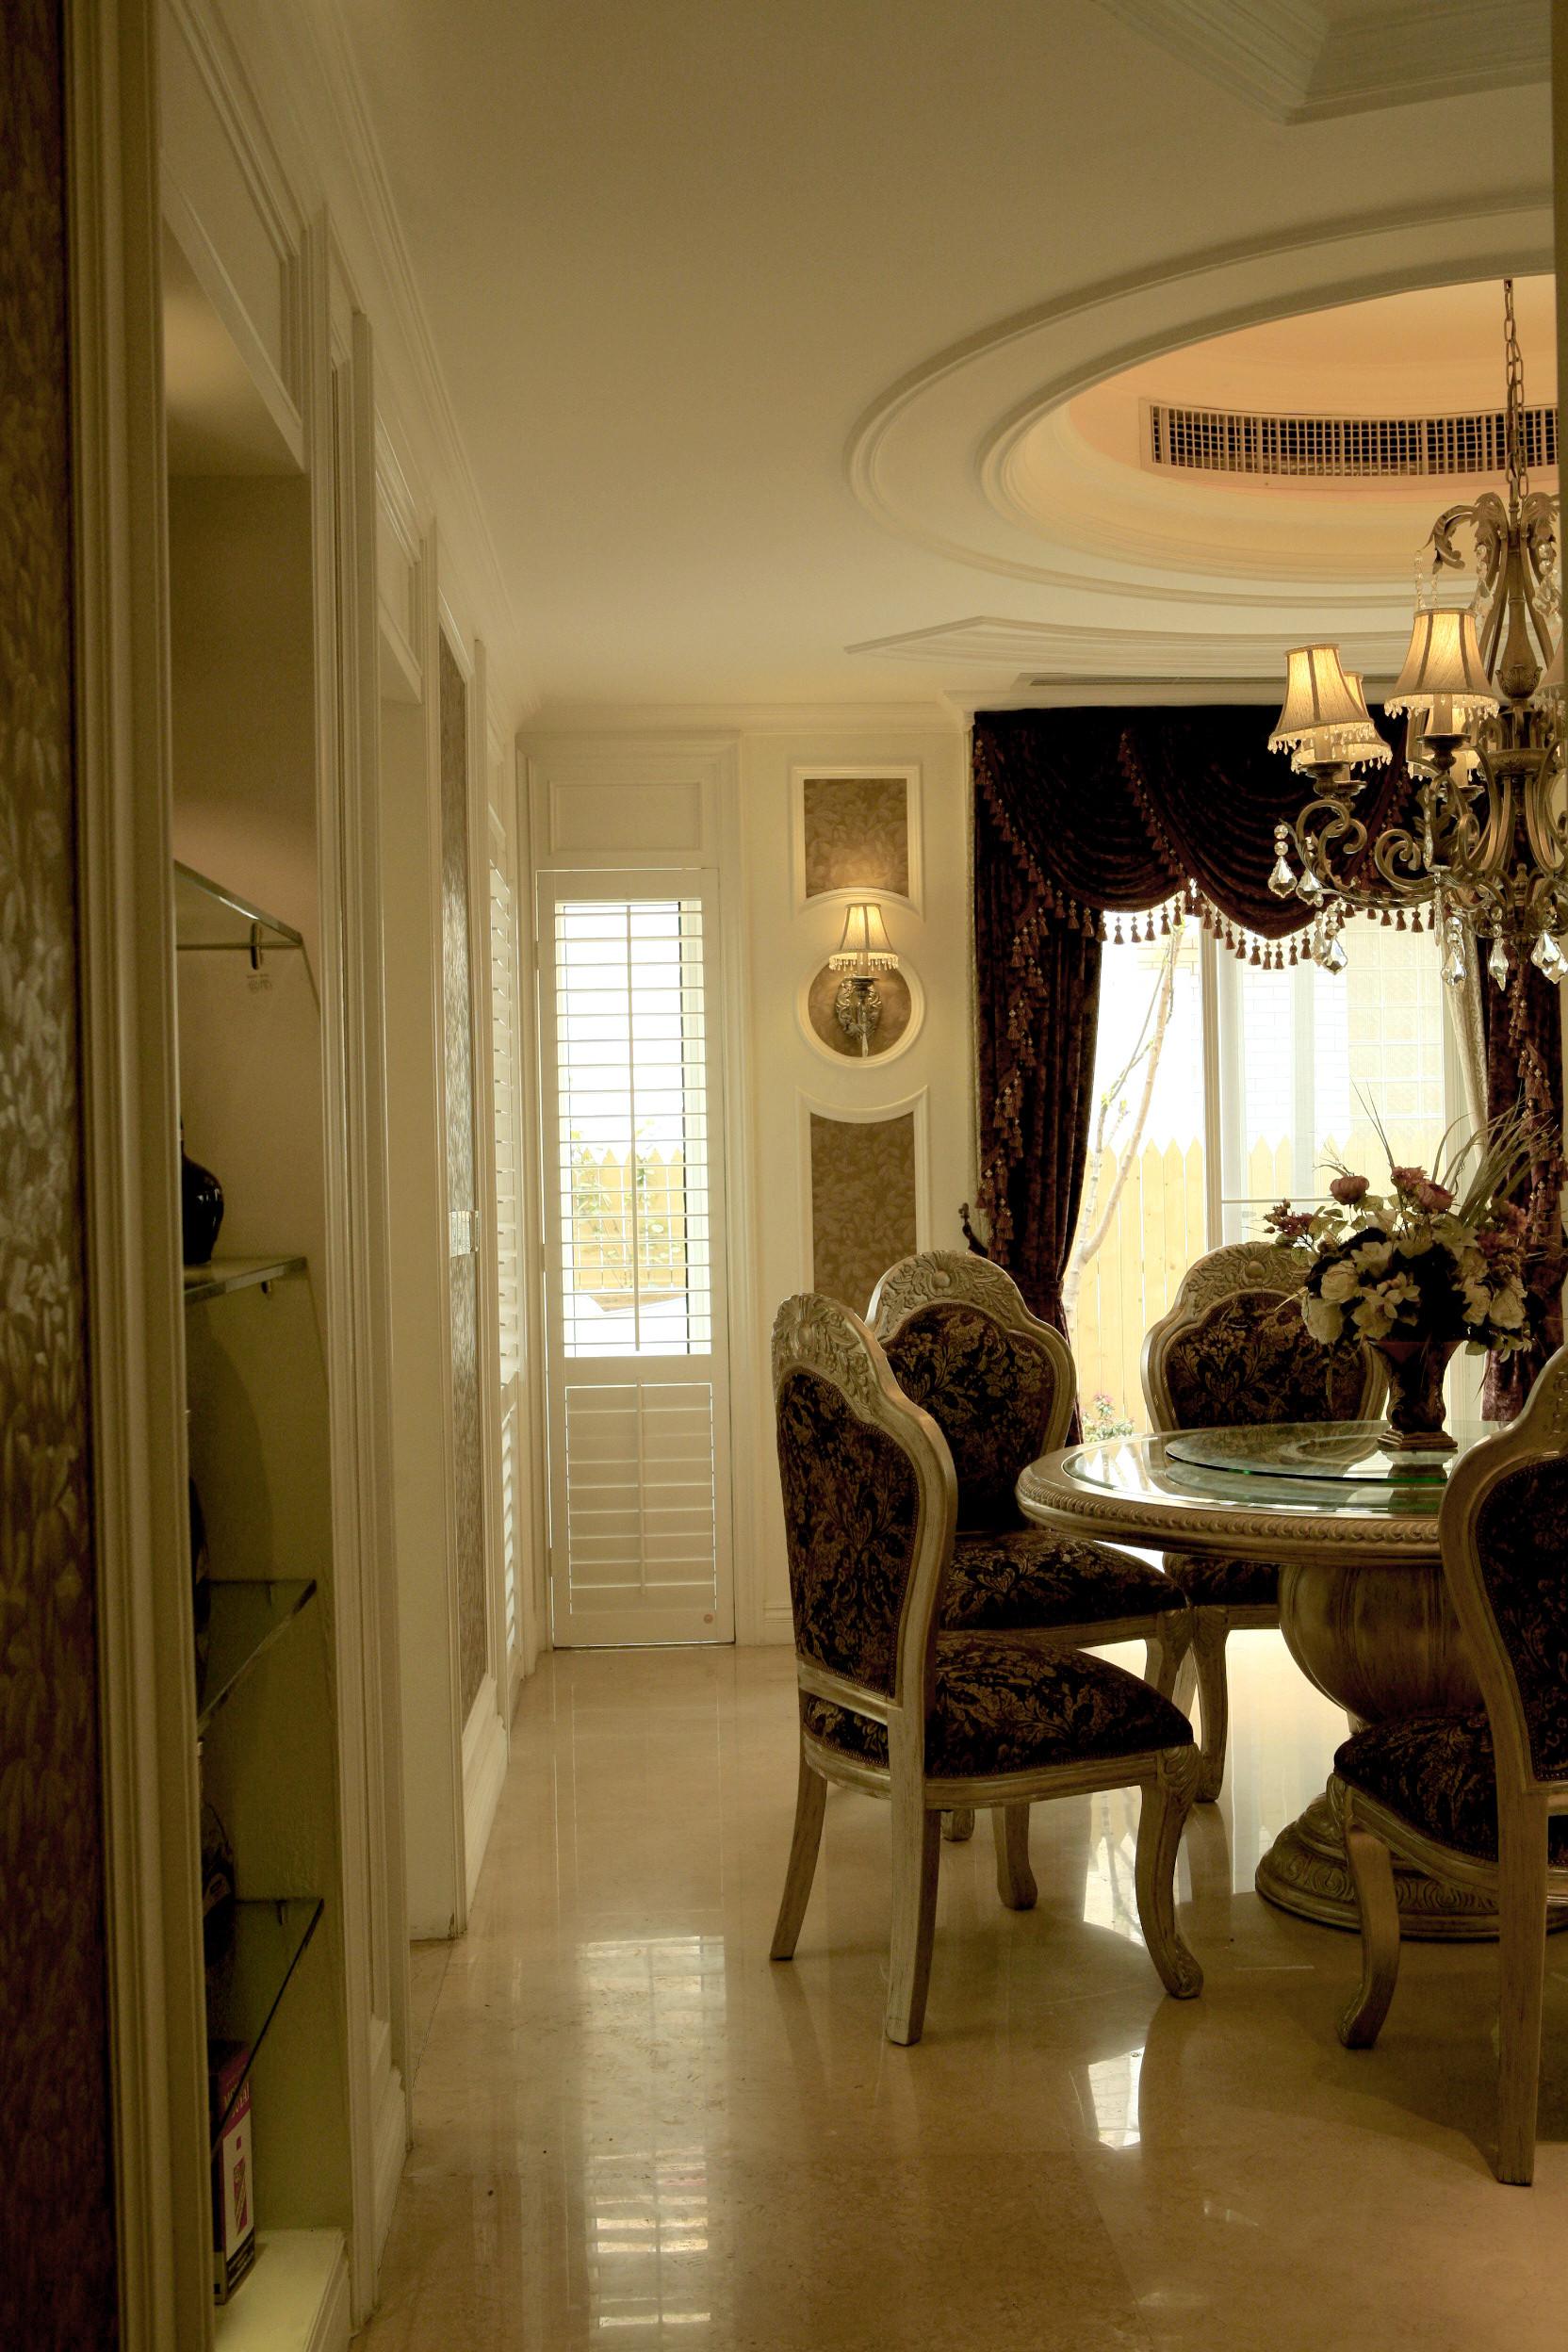 欧式别墅装修餐桌椅图片